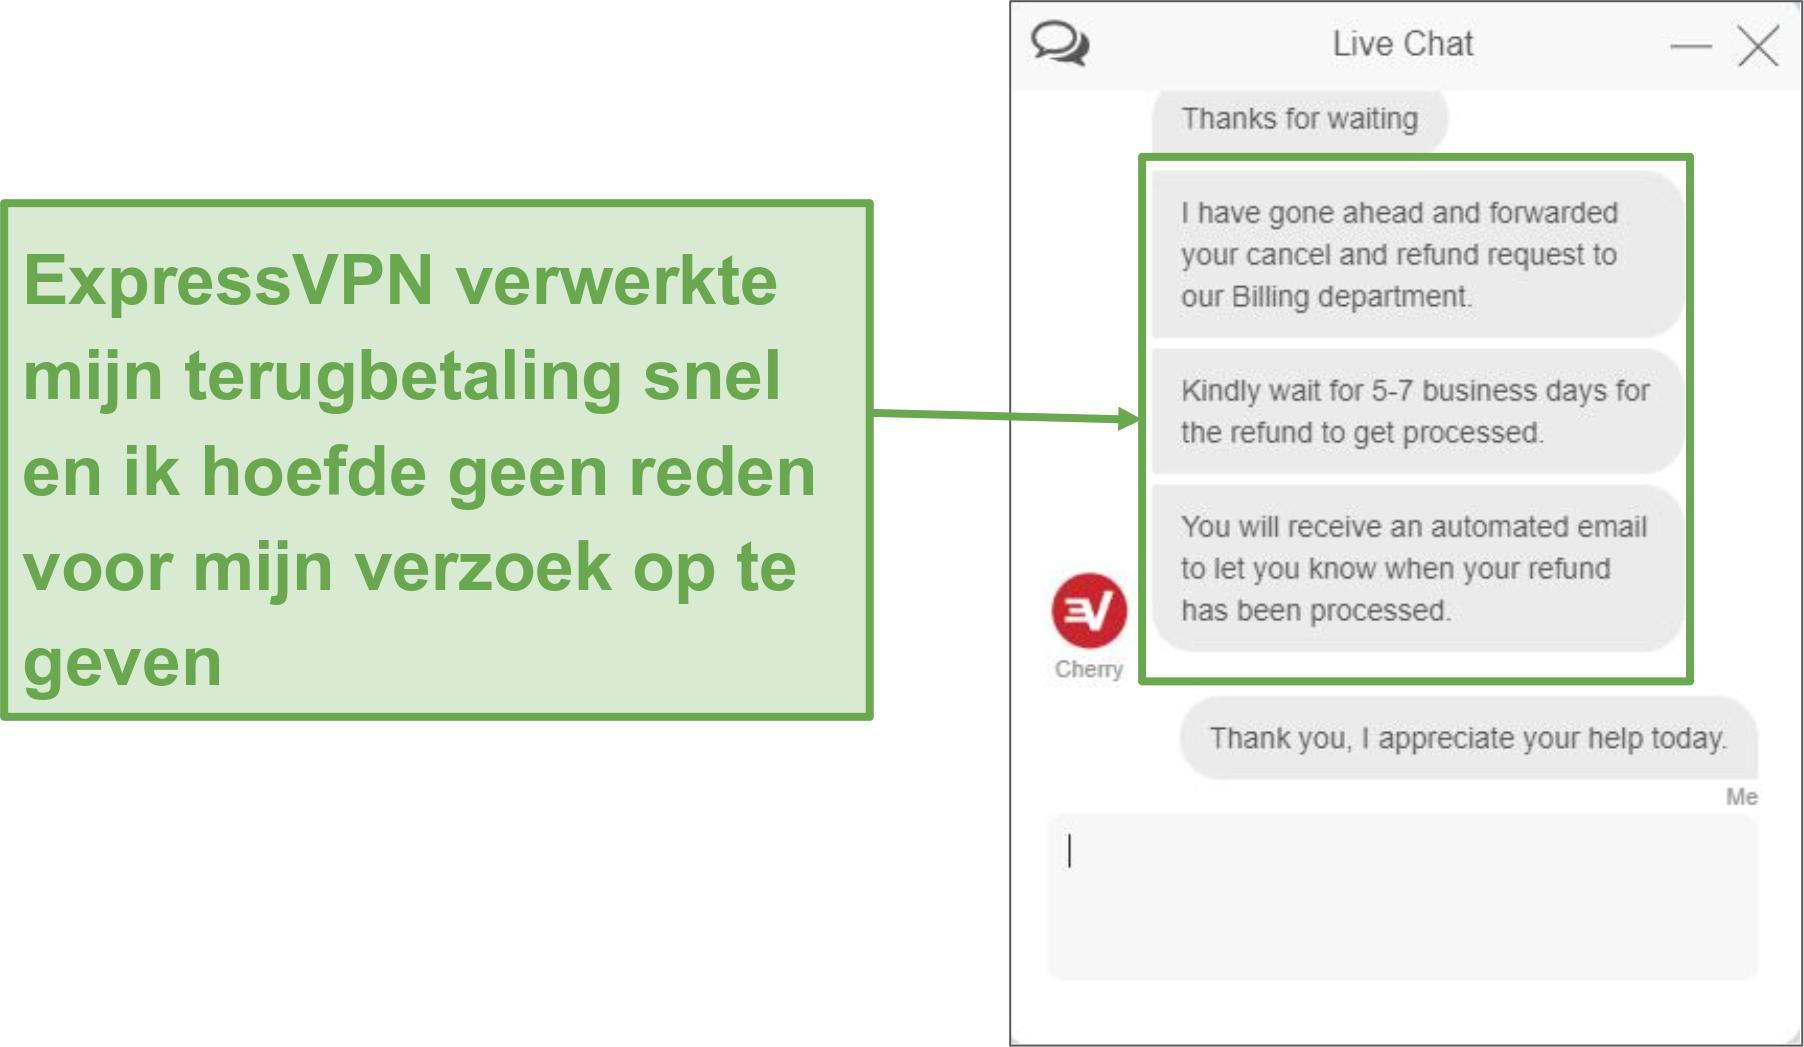 Schermafbeelding van het terugbetalingsverzoek via live chat.